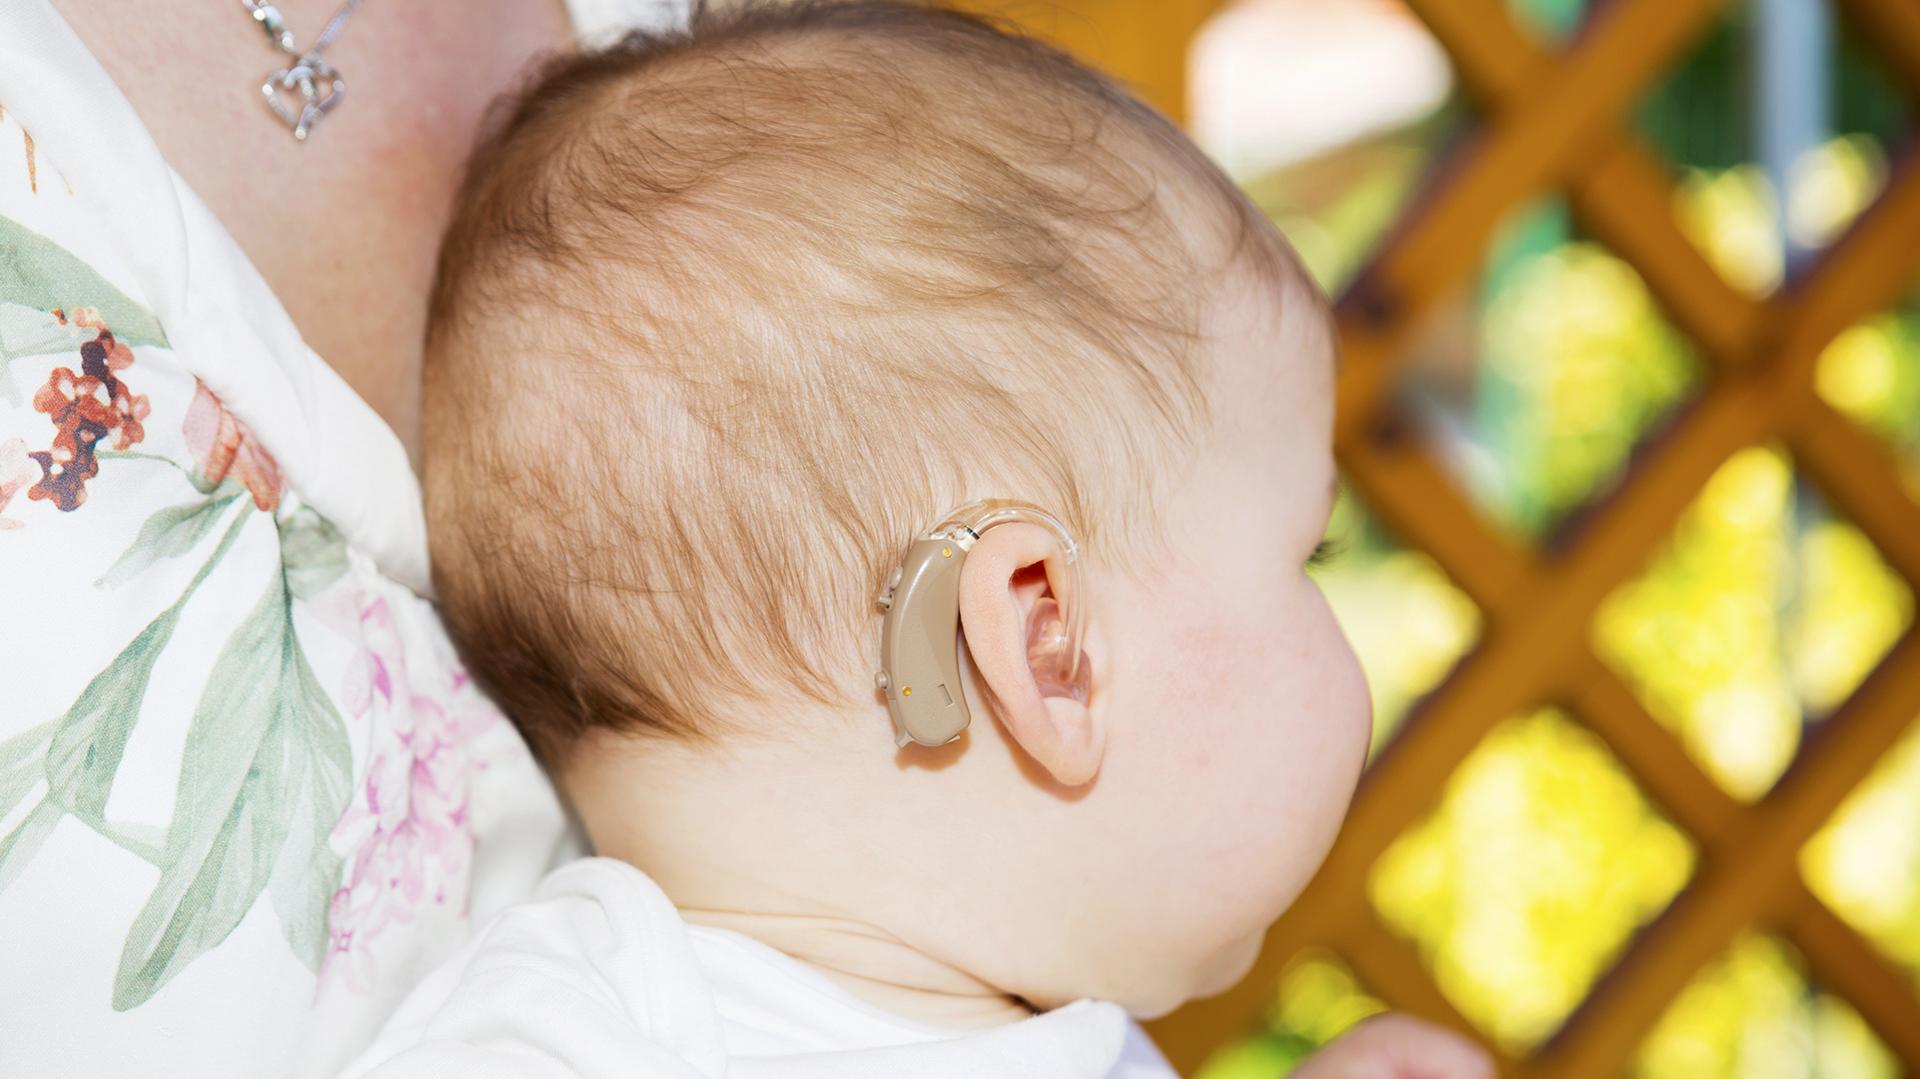 Su deseo es que los padres puedan animarse a las nuevas tecnologías para poderanimarse al implante coclear(Getty)